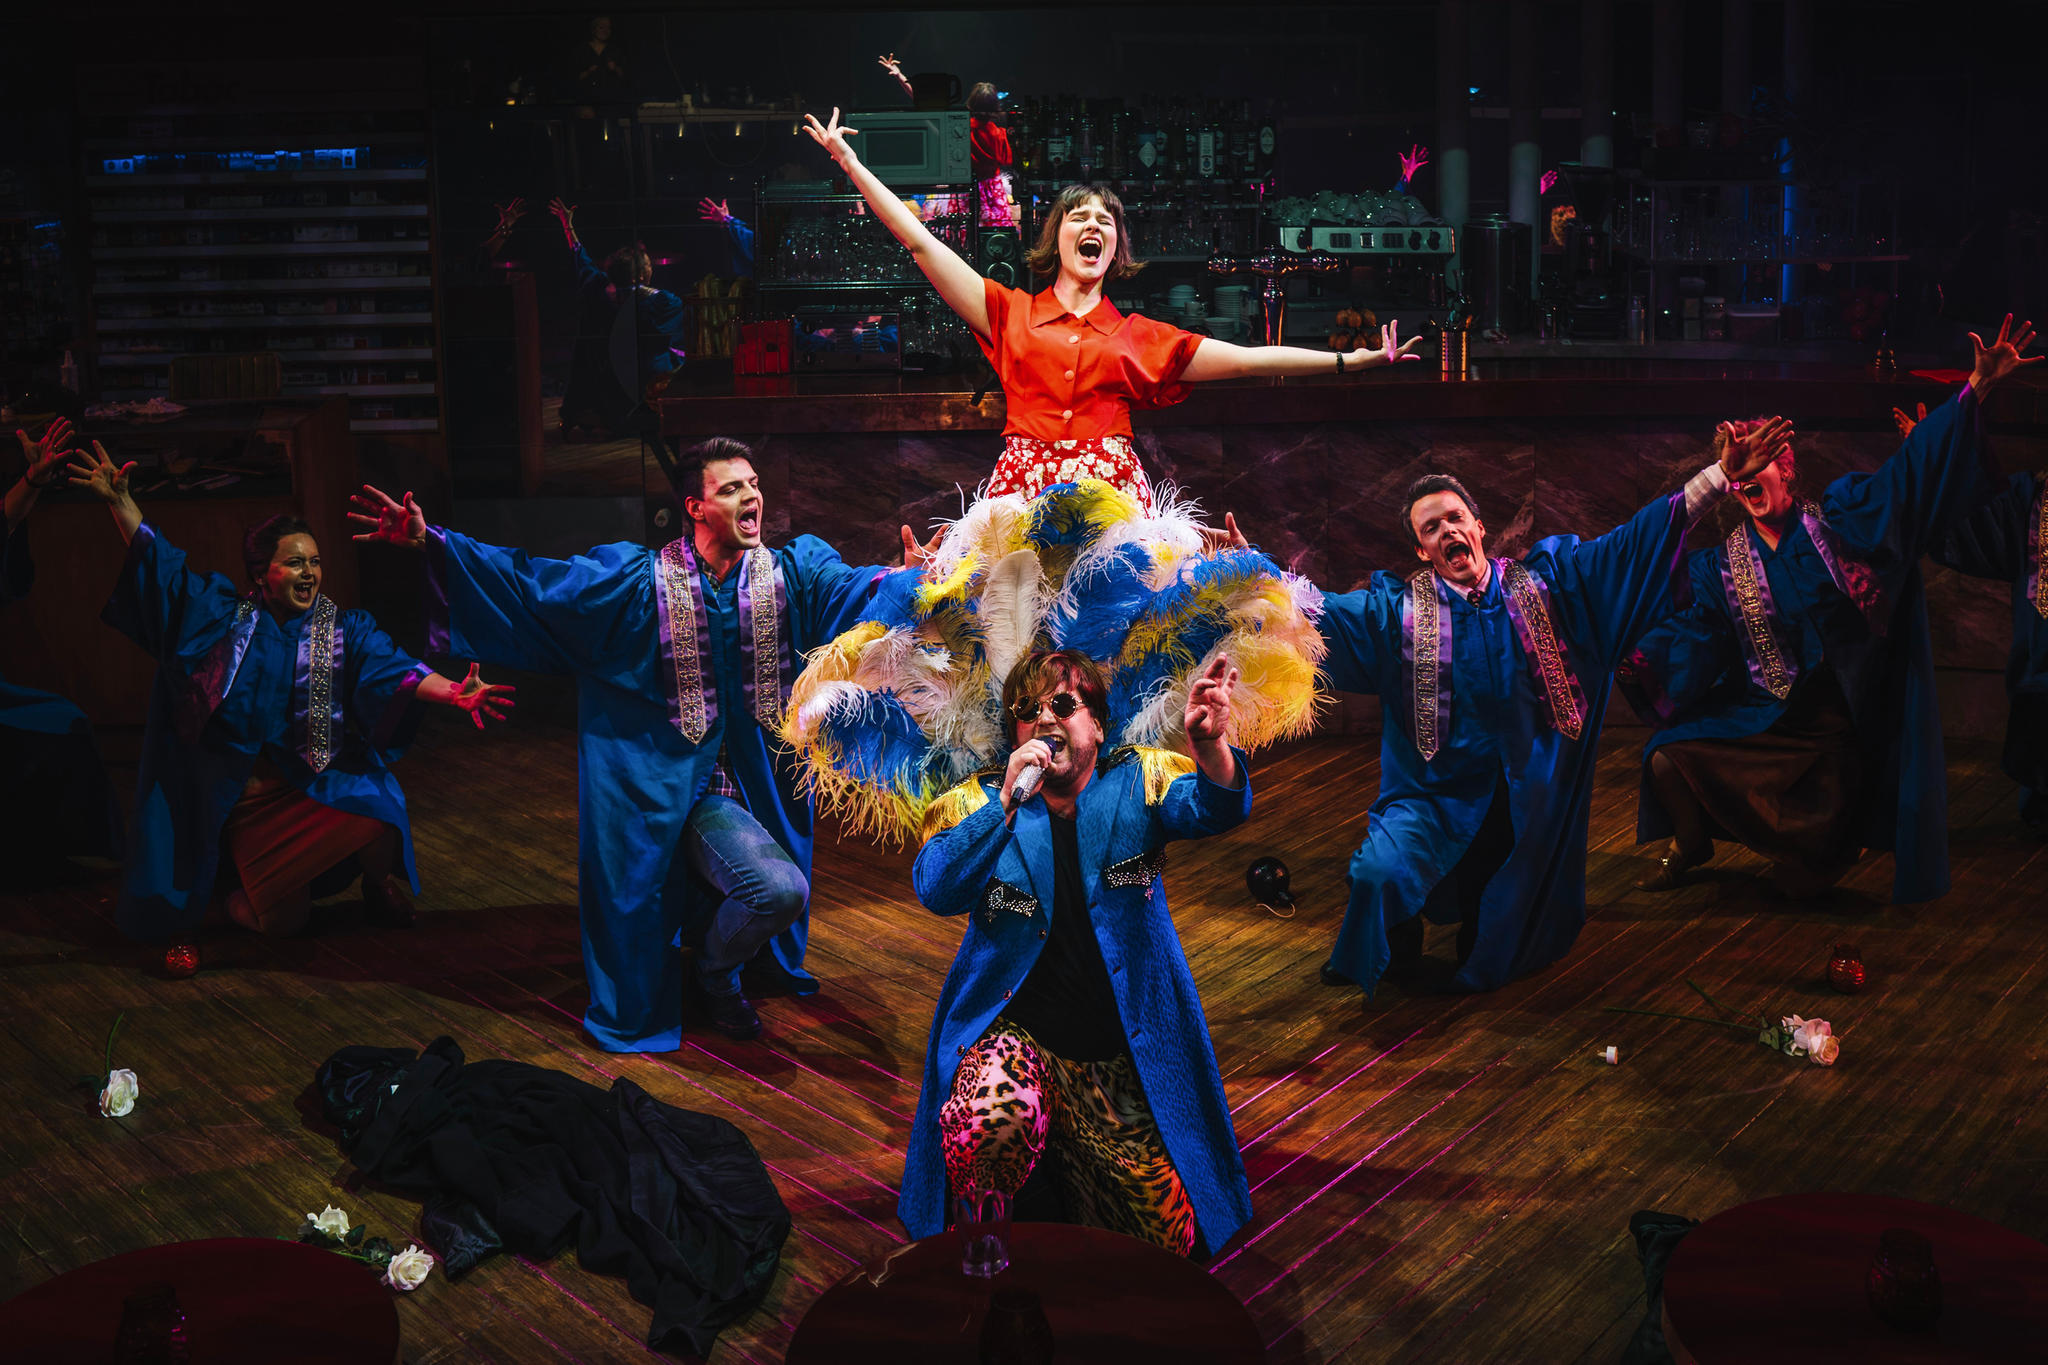 """München: Das Musical """"Die fabelhafte Welt der Amélie"""" feiert Premiere imWERK 7 Theater"""